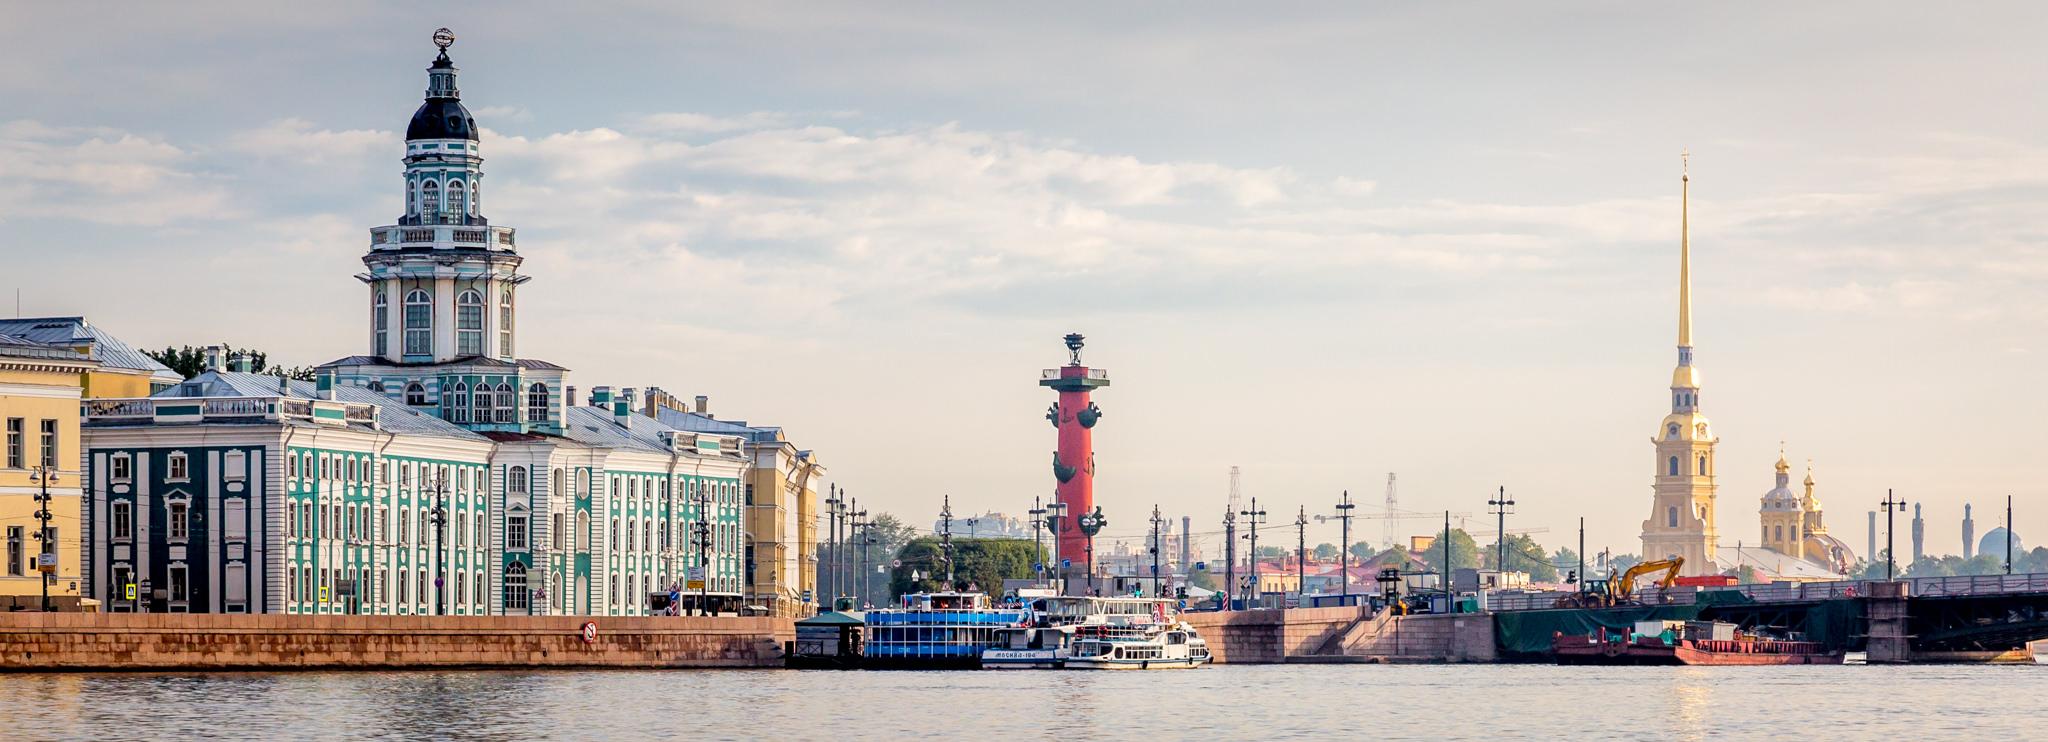 Разовые выплаты по случаю годовщины свадьбы получают в Санкт-Петербурге